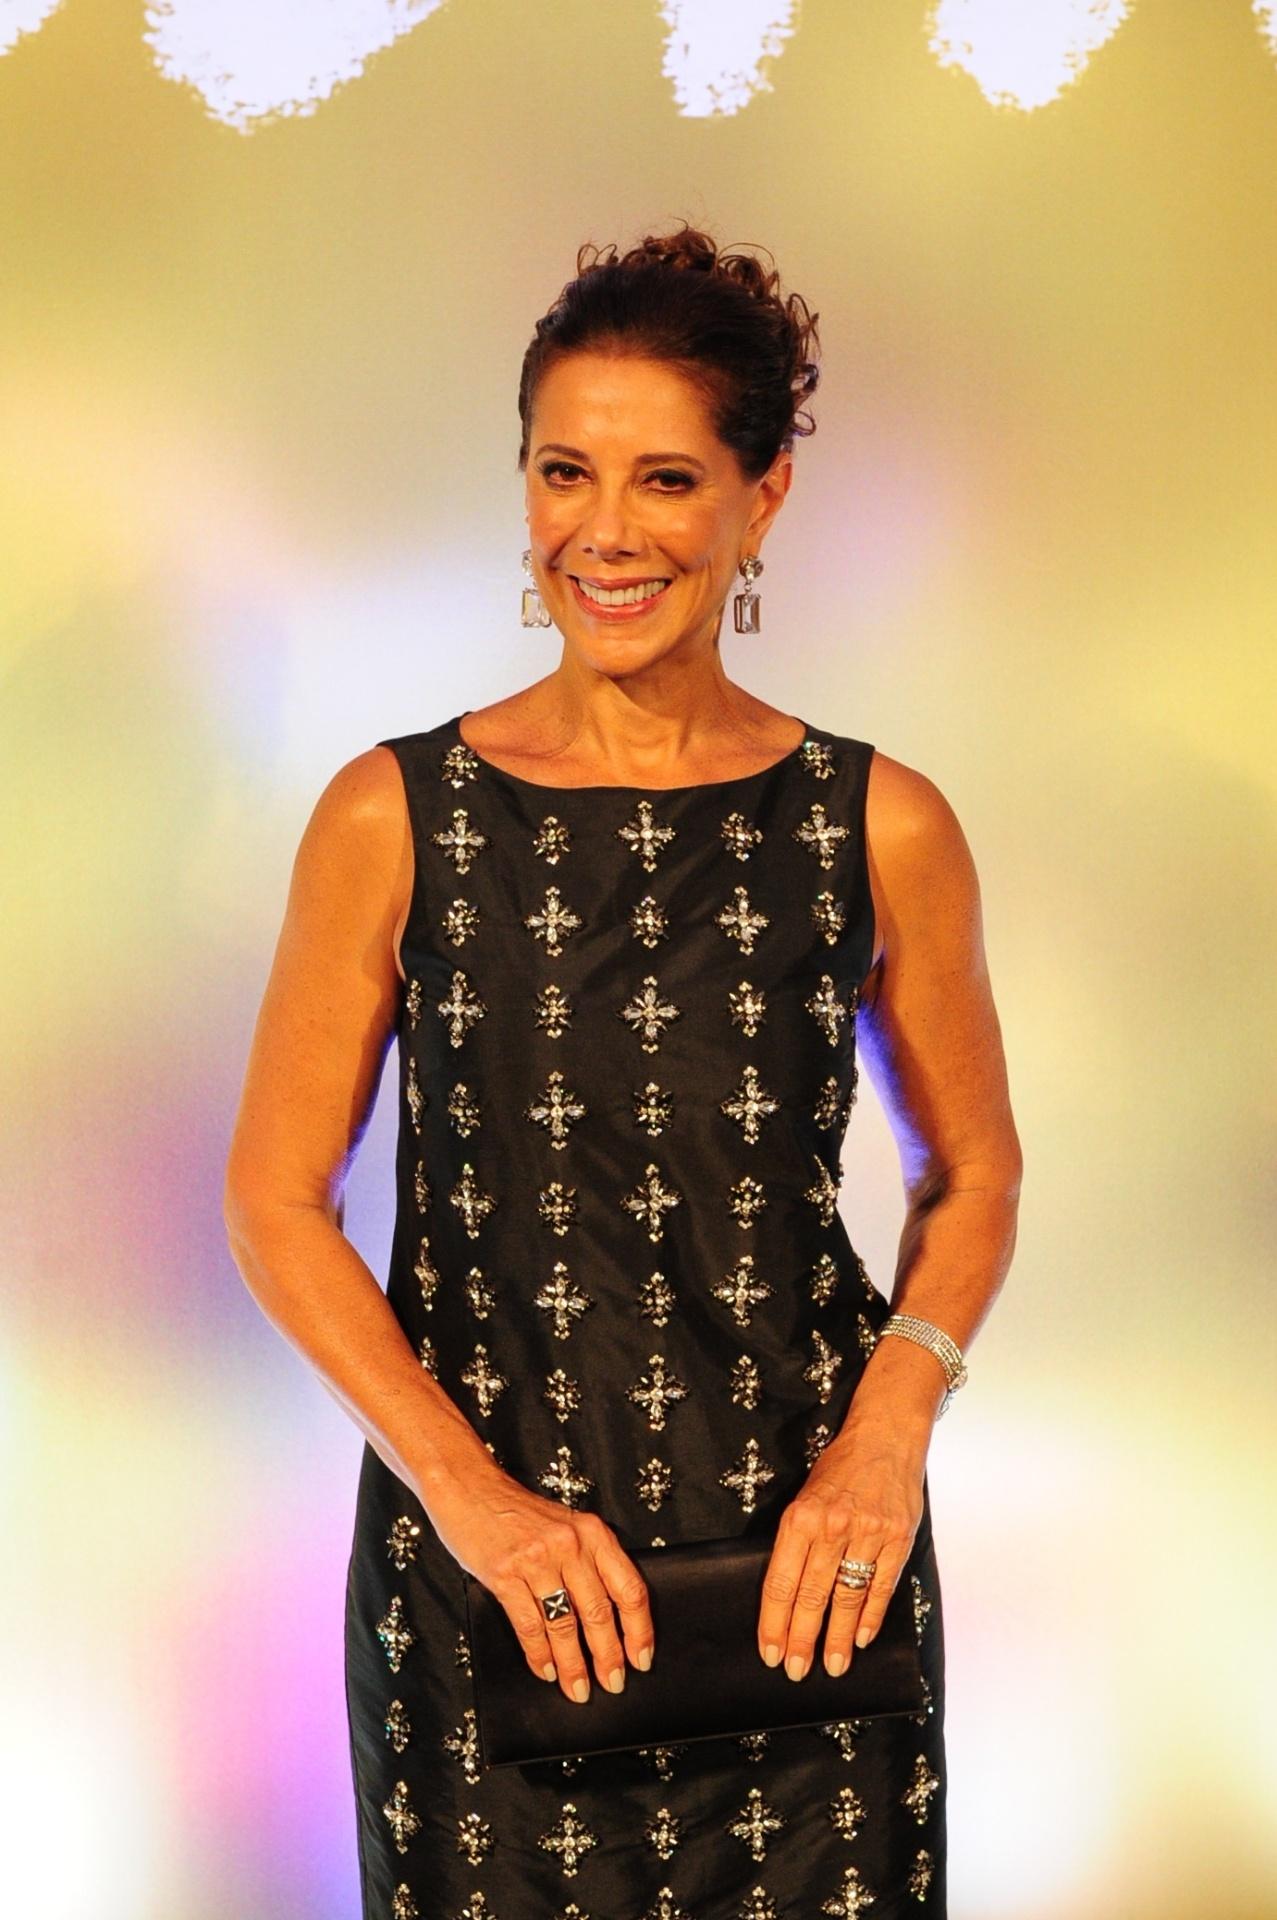 Ângela Vieira interpreta a Branca de